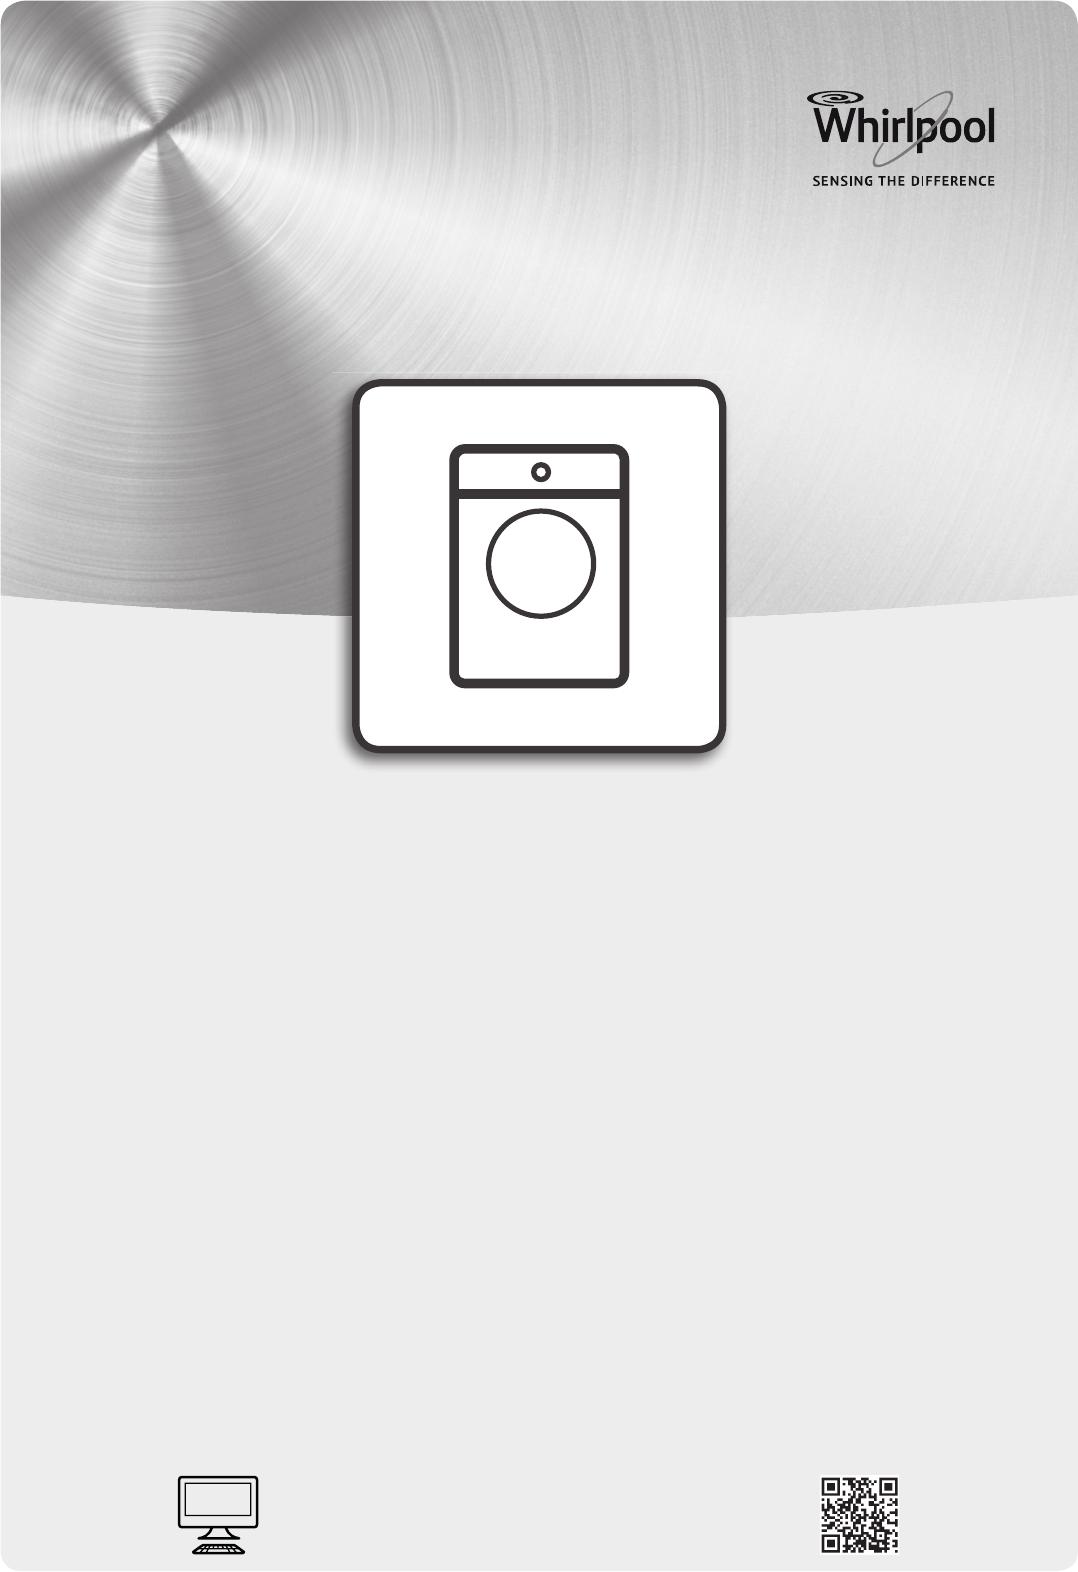 bedienungsanleitung whirlpool fscr 80421 seite 1 von 56 franz sisch. Black Bedroom Furniture Sets. Home Design Ideas